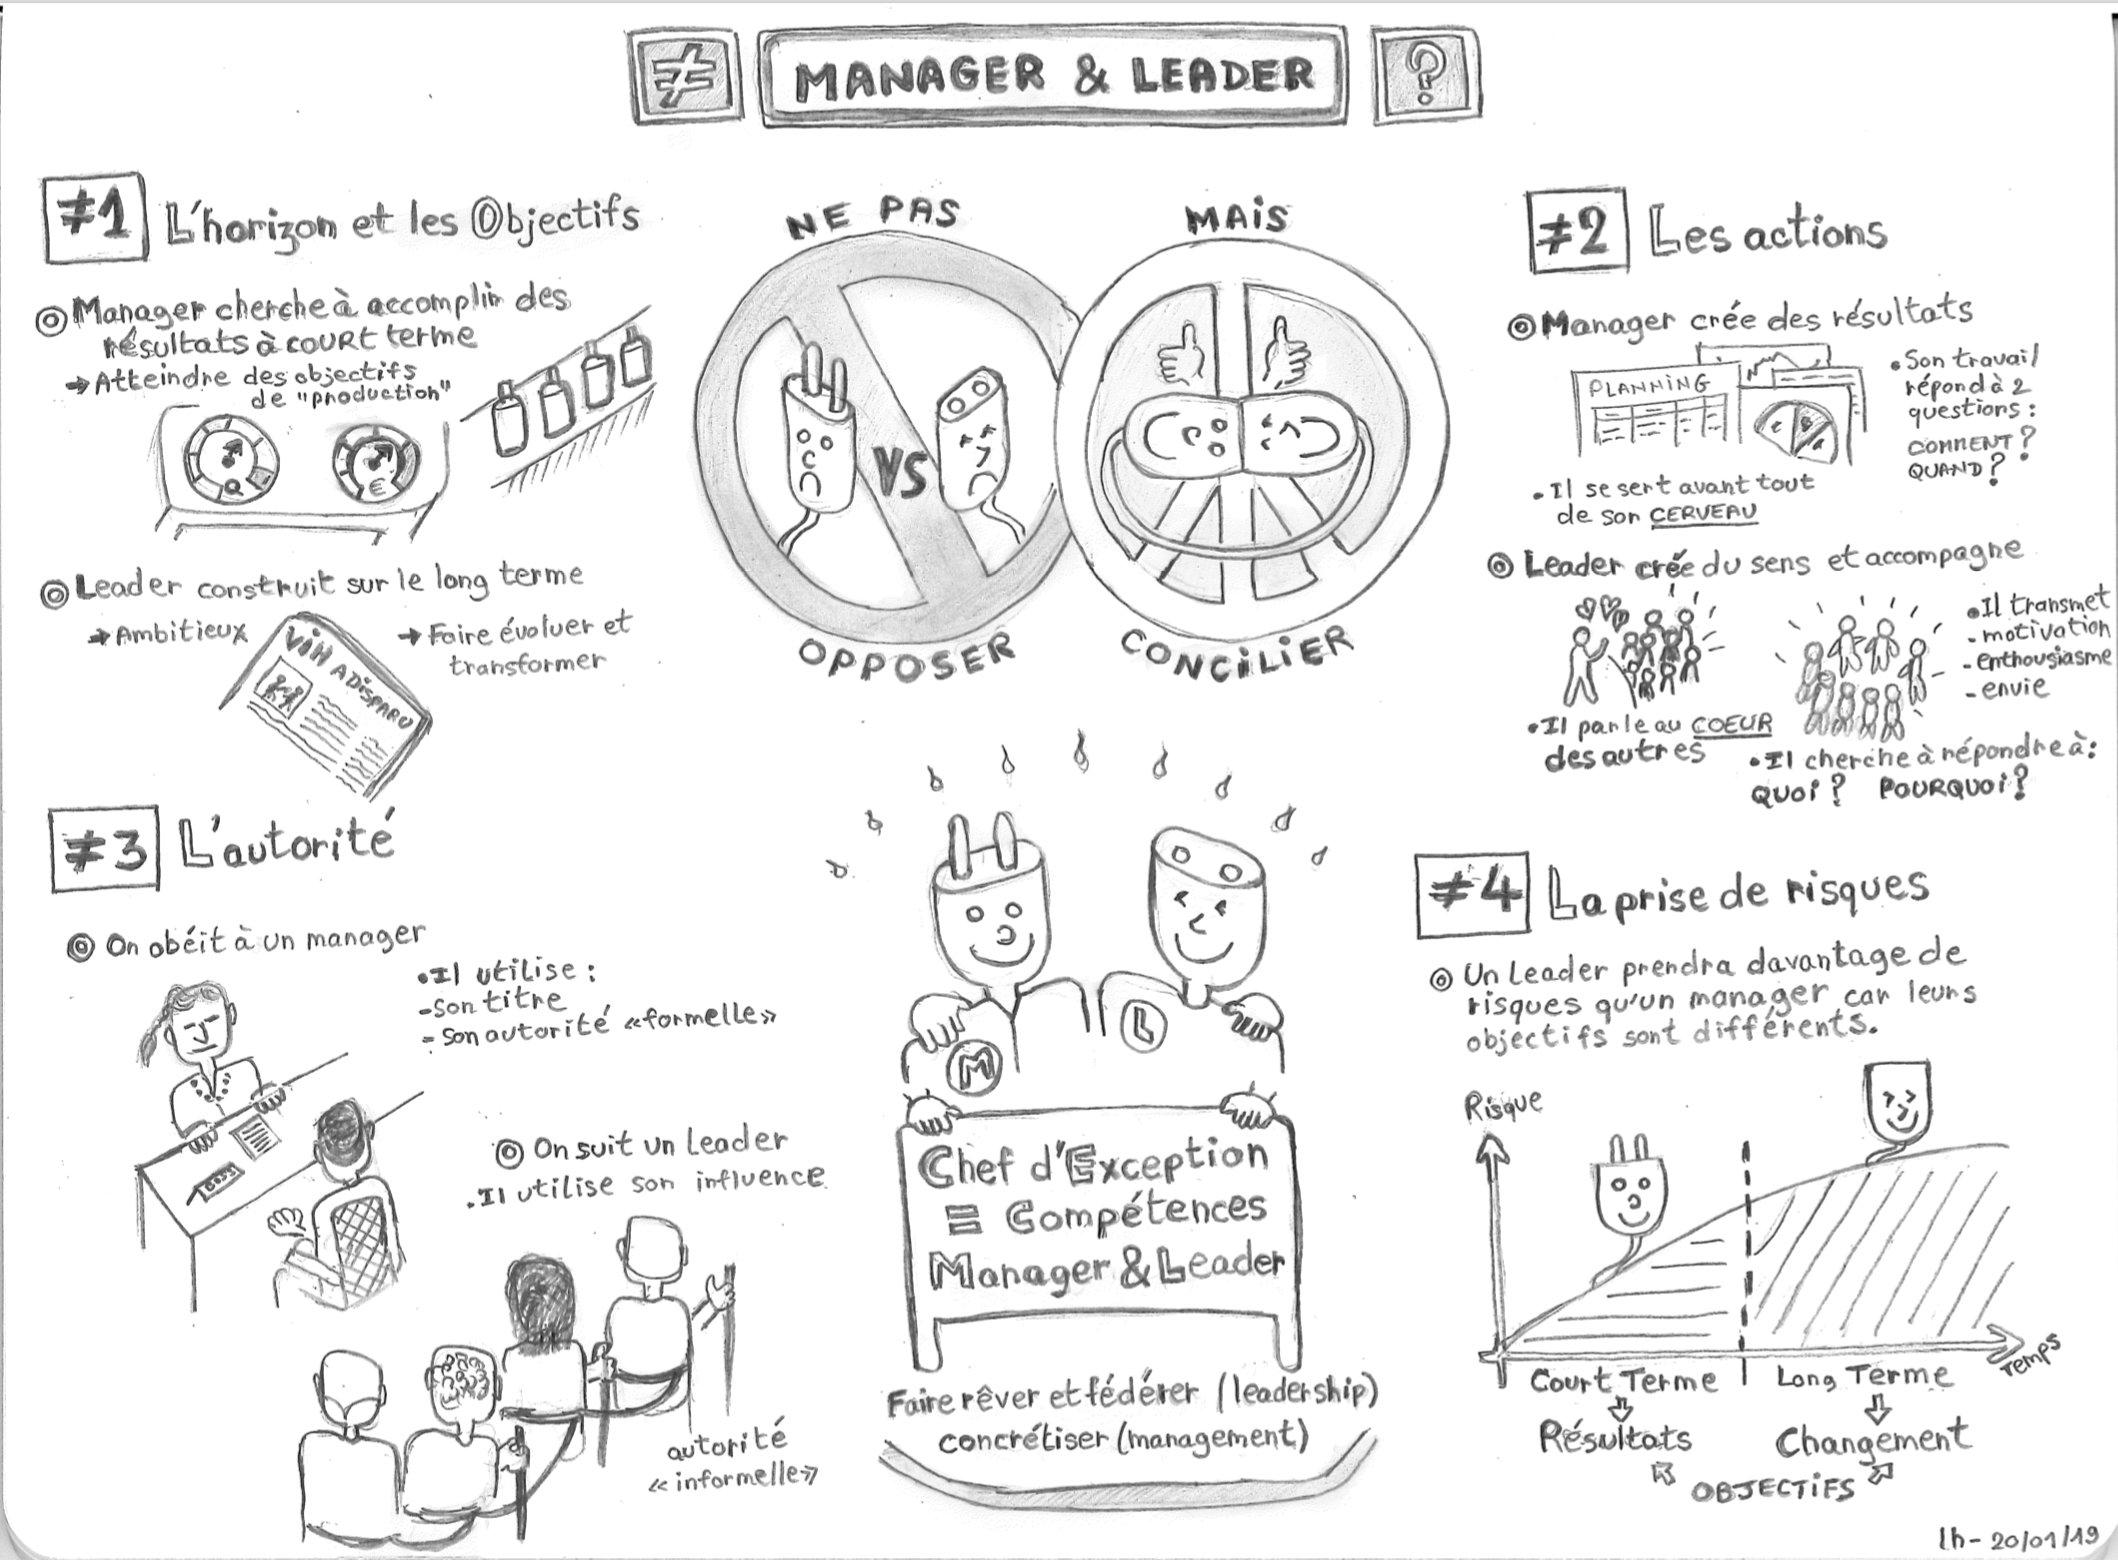 Un super sketchnote sur la différence entre un manager et un leader